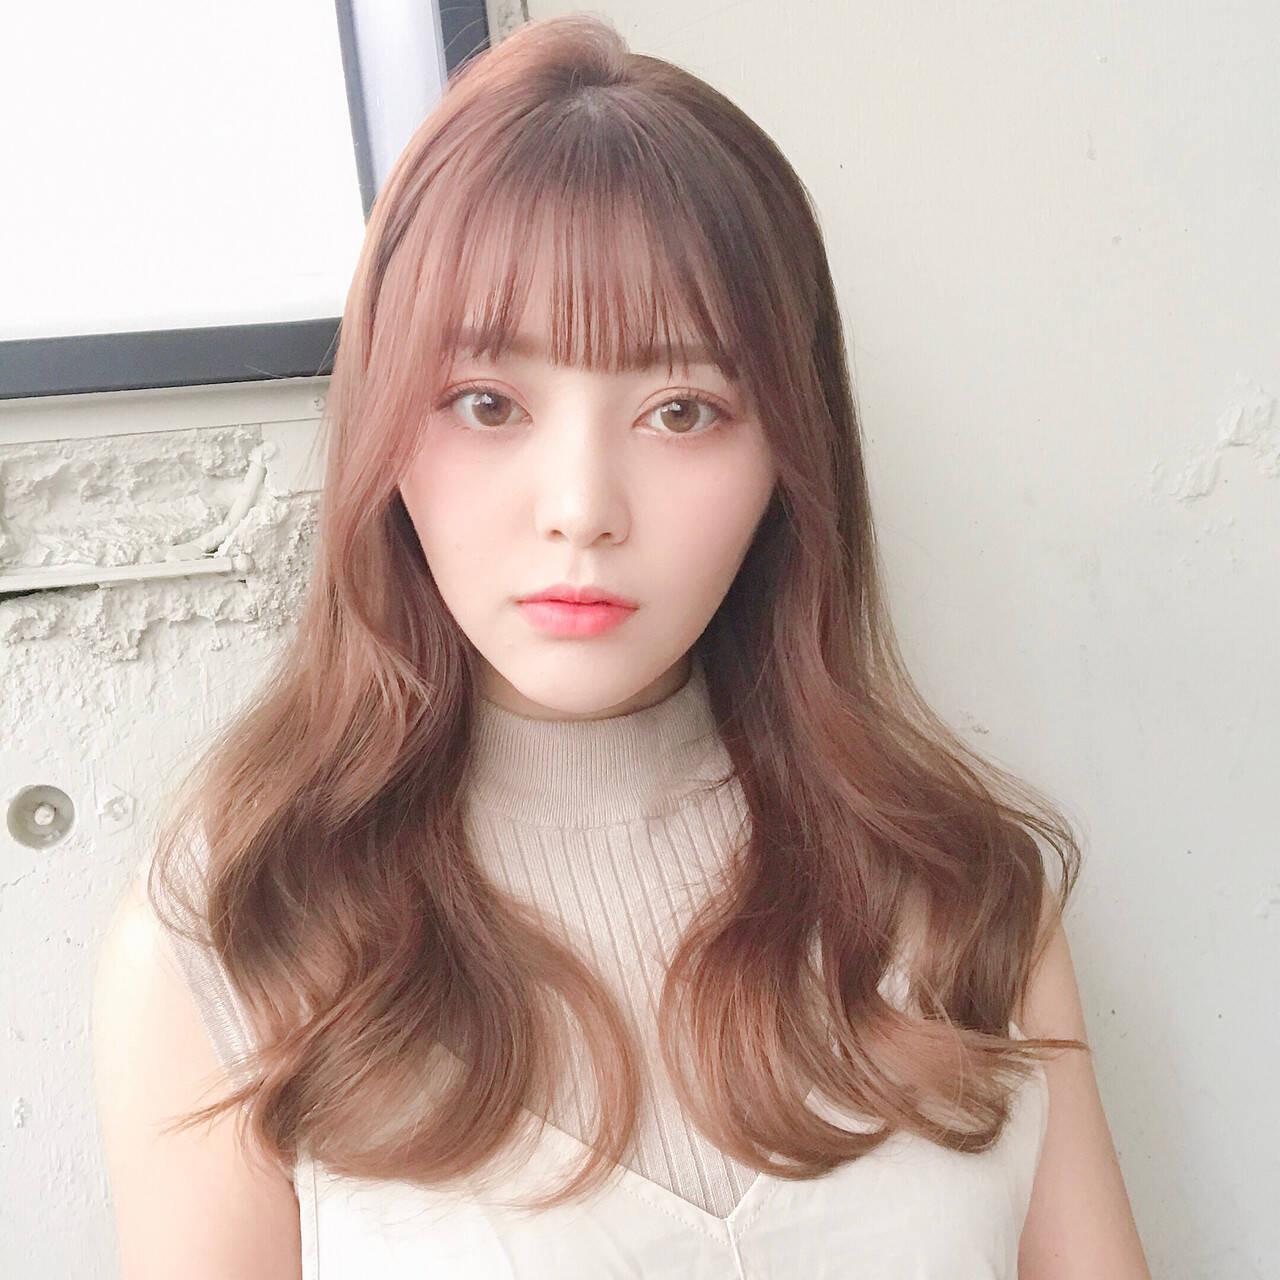 存在感ある韓国風巻き髪 dydi / やまち  dydi 表参道